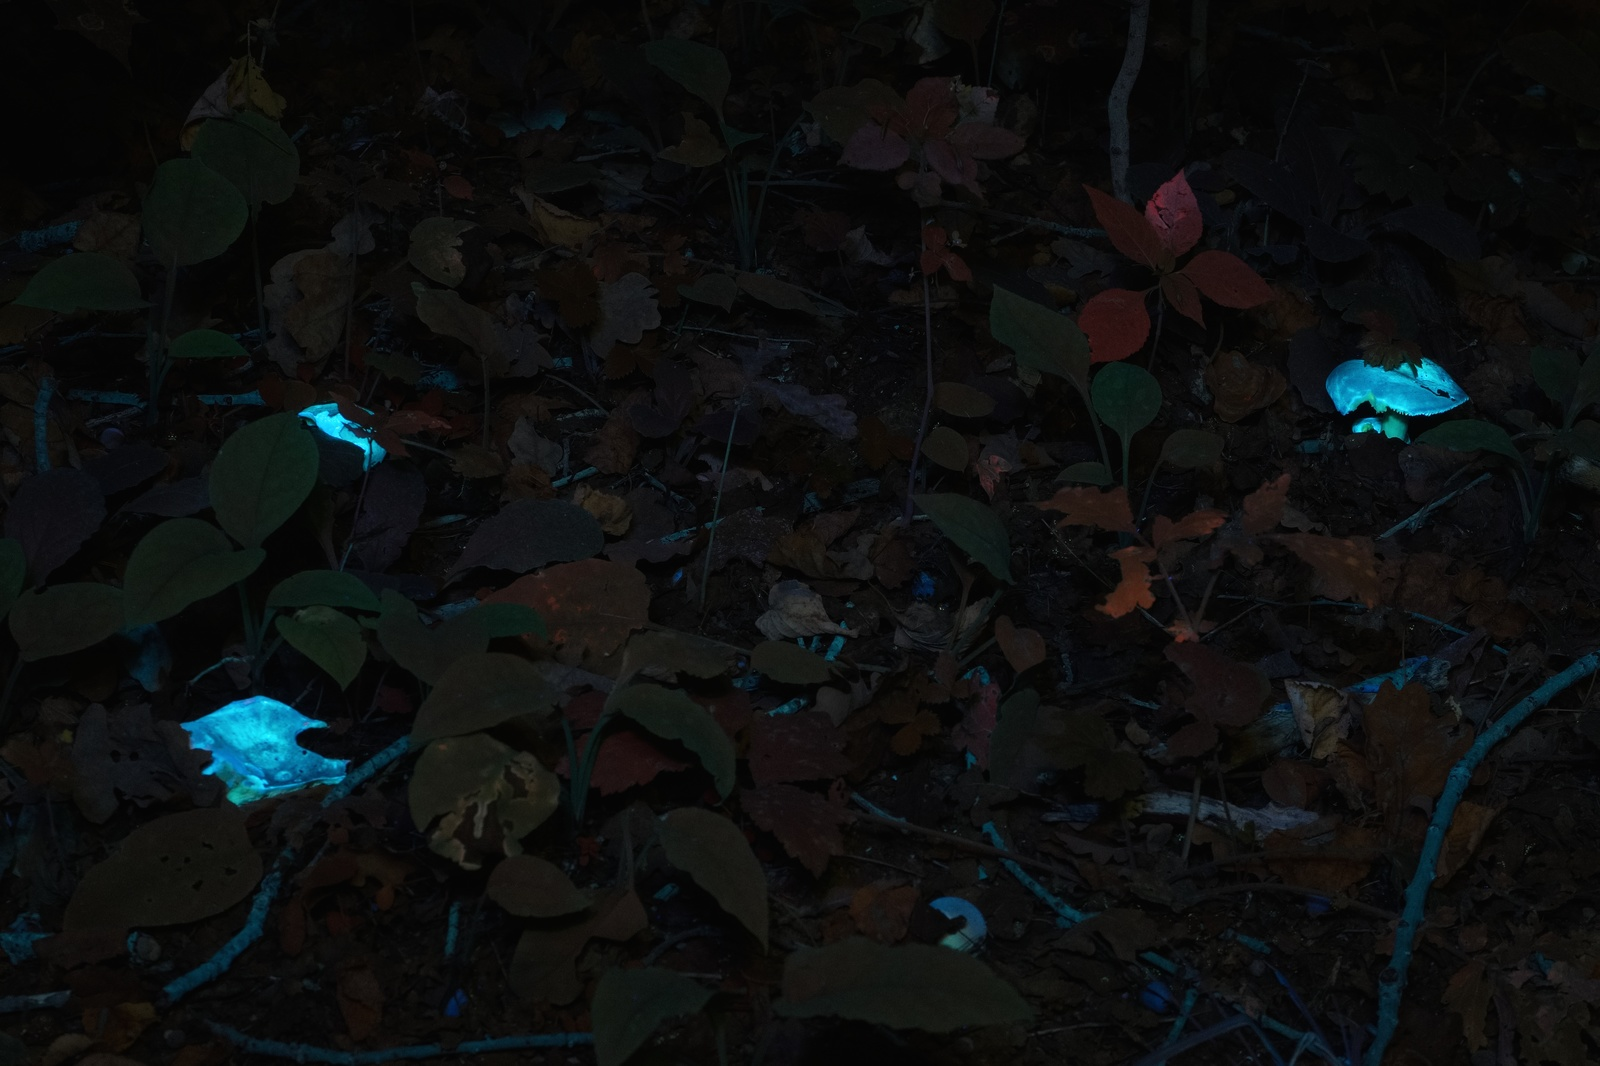 Ночной лес в ультрафиолете